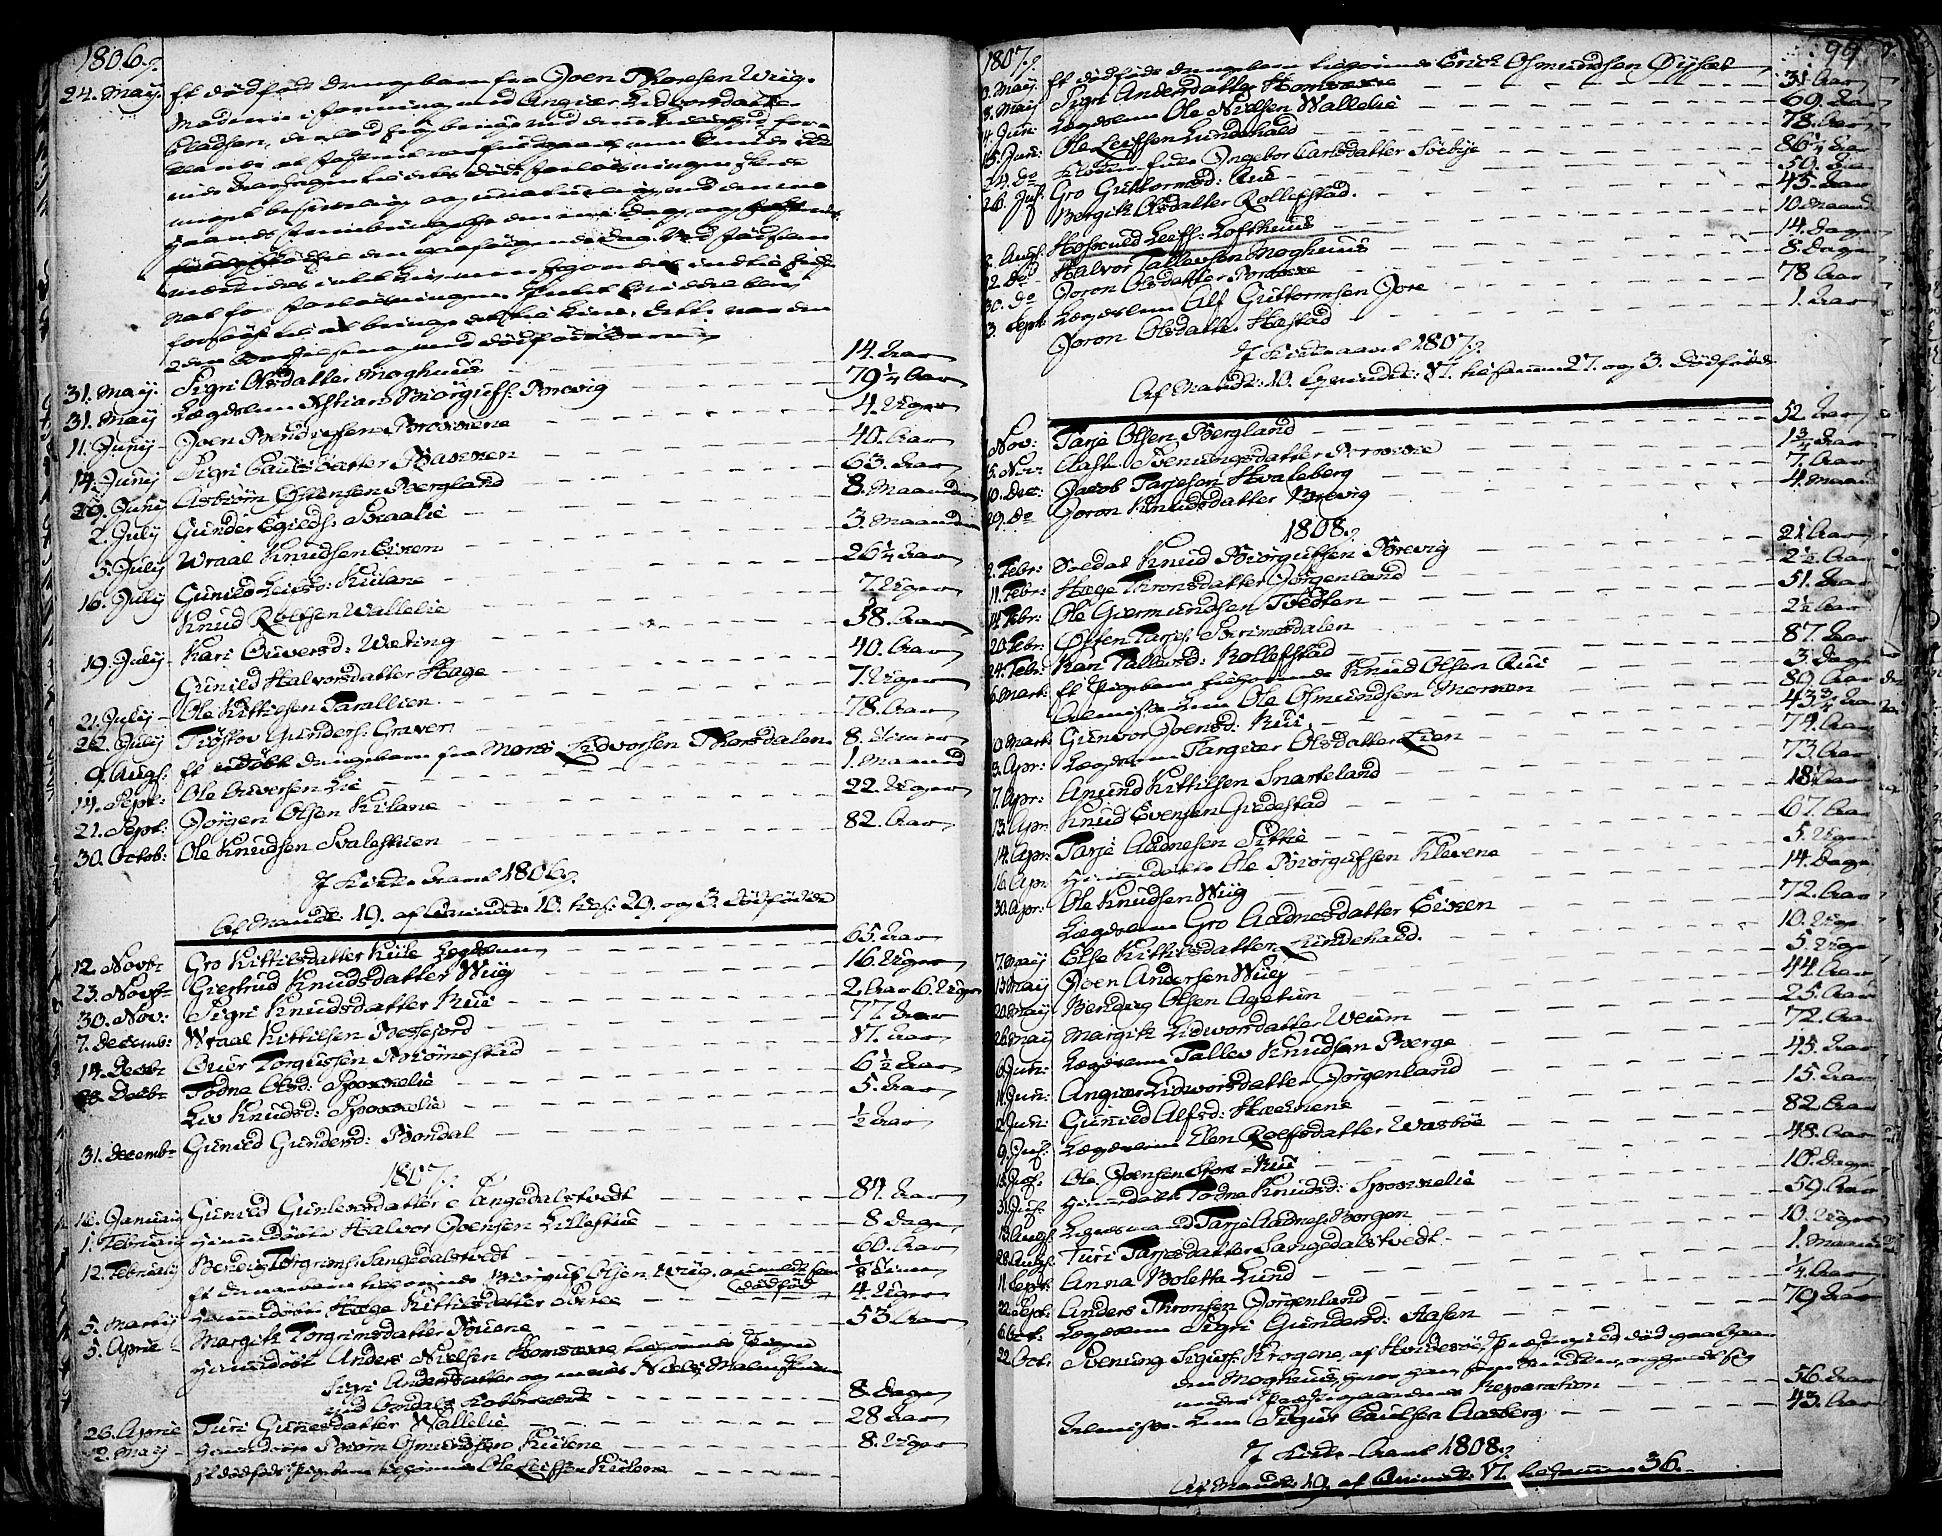 SAKO, Fyresdal kirkebøker, F/Fa/L0002: Ministerialbok nr. I 2, 1769-1814, s. 99